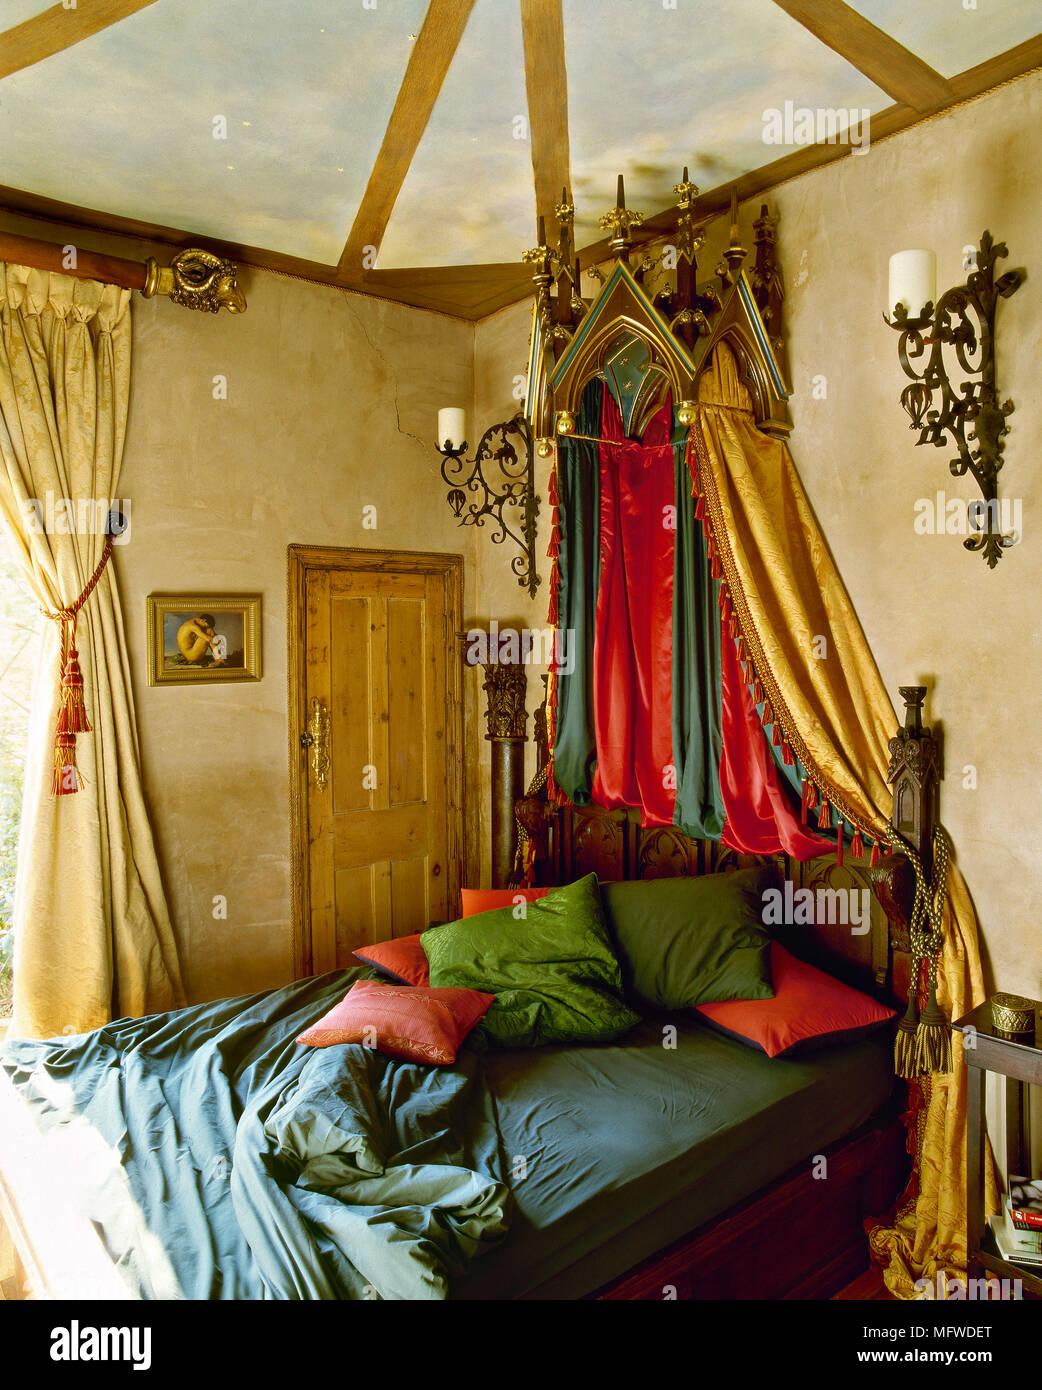 Letto Con Baldacchino A Muro.Un Stile Gotico Camera Da Letto Con Pareti Gialle Il Soffitto A